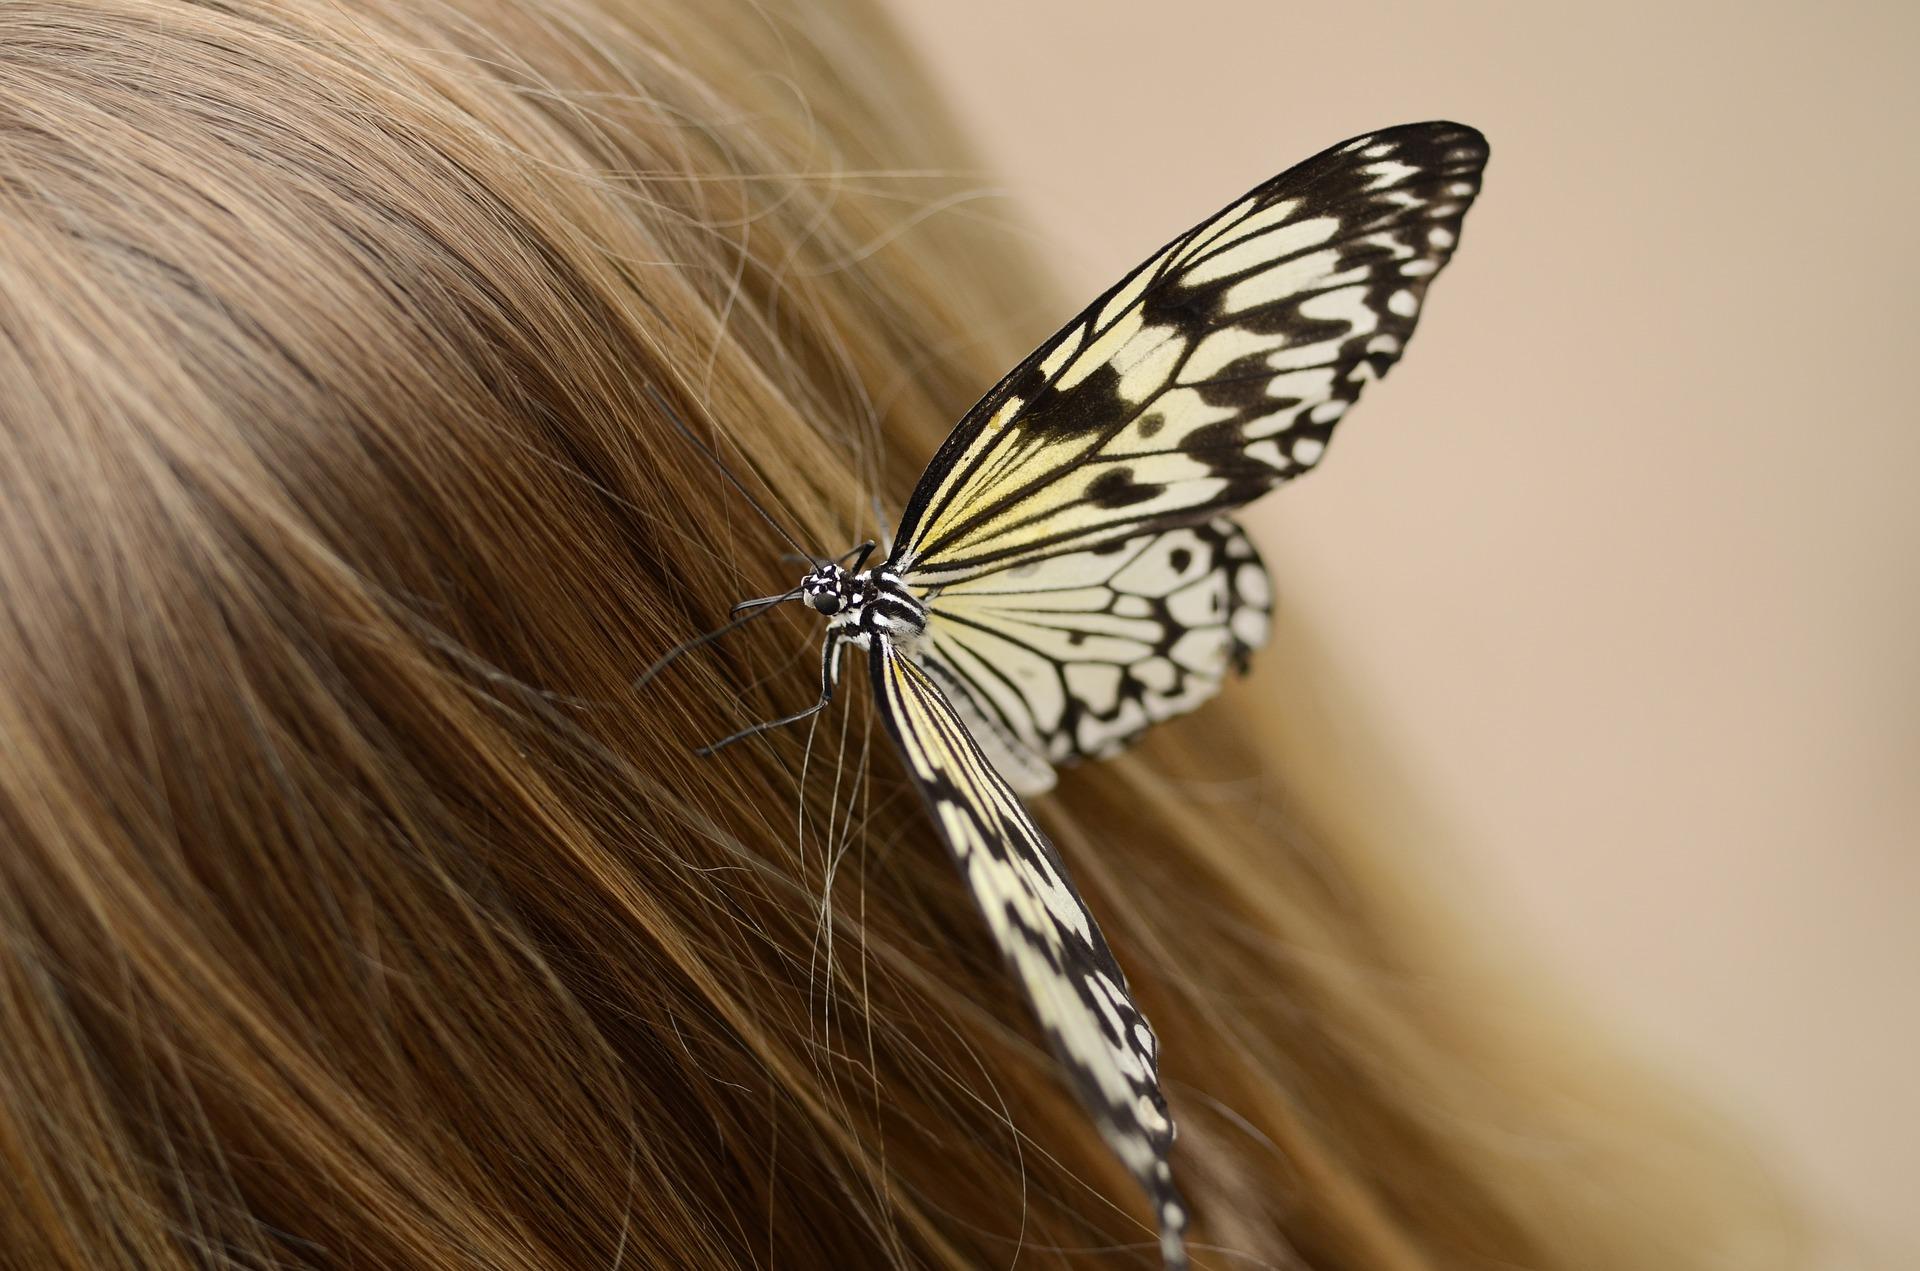 pielęgnacja włosów, domowy szampon, diy, przepisy na kosmetyki naturalne, włosy